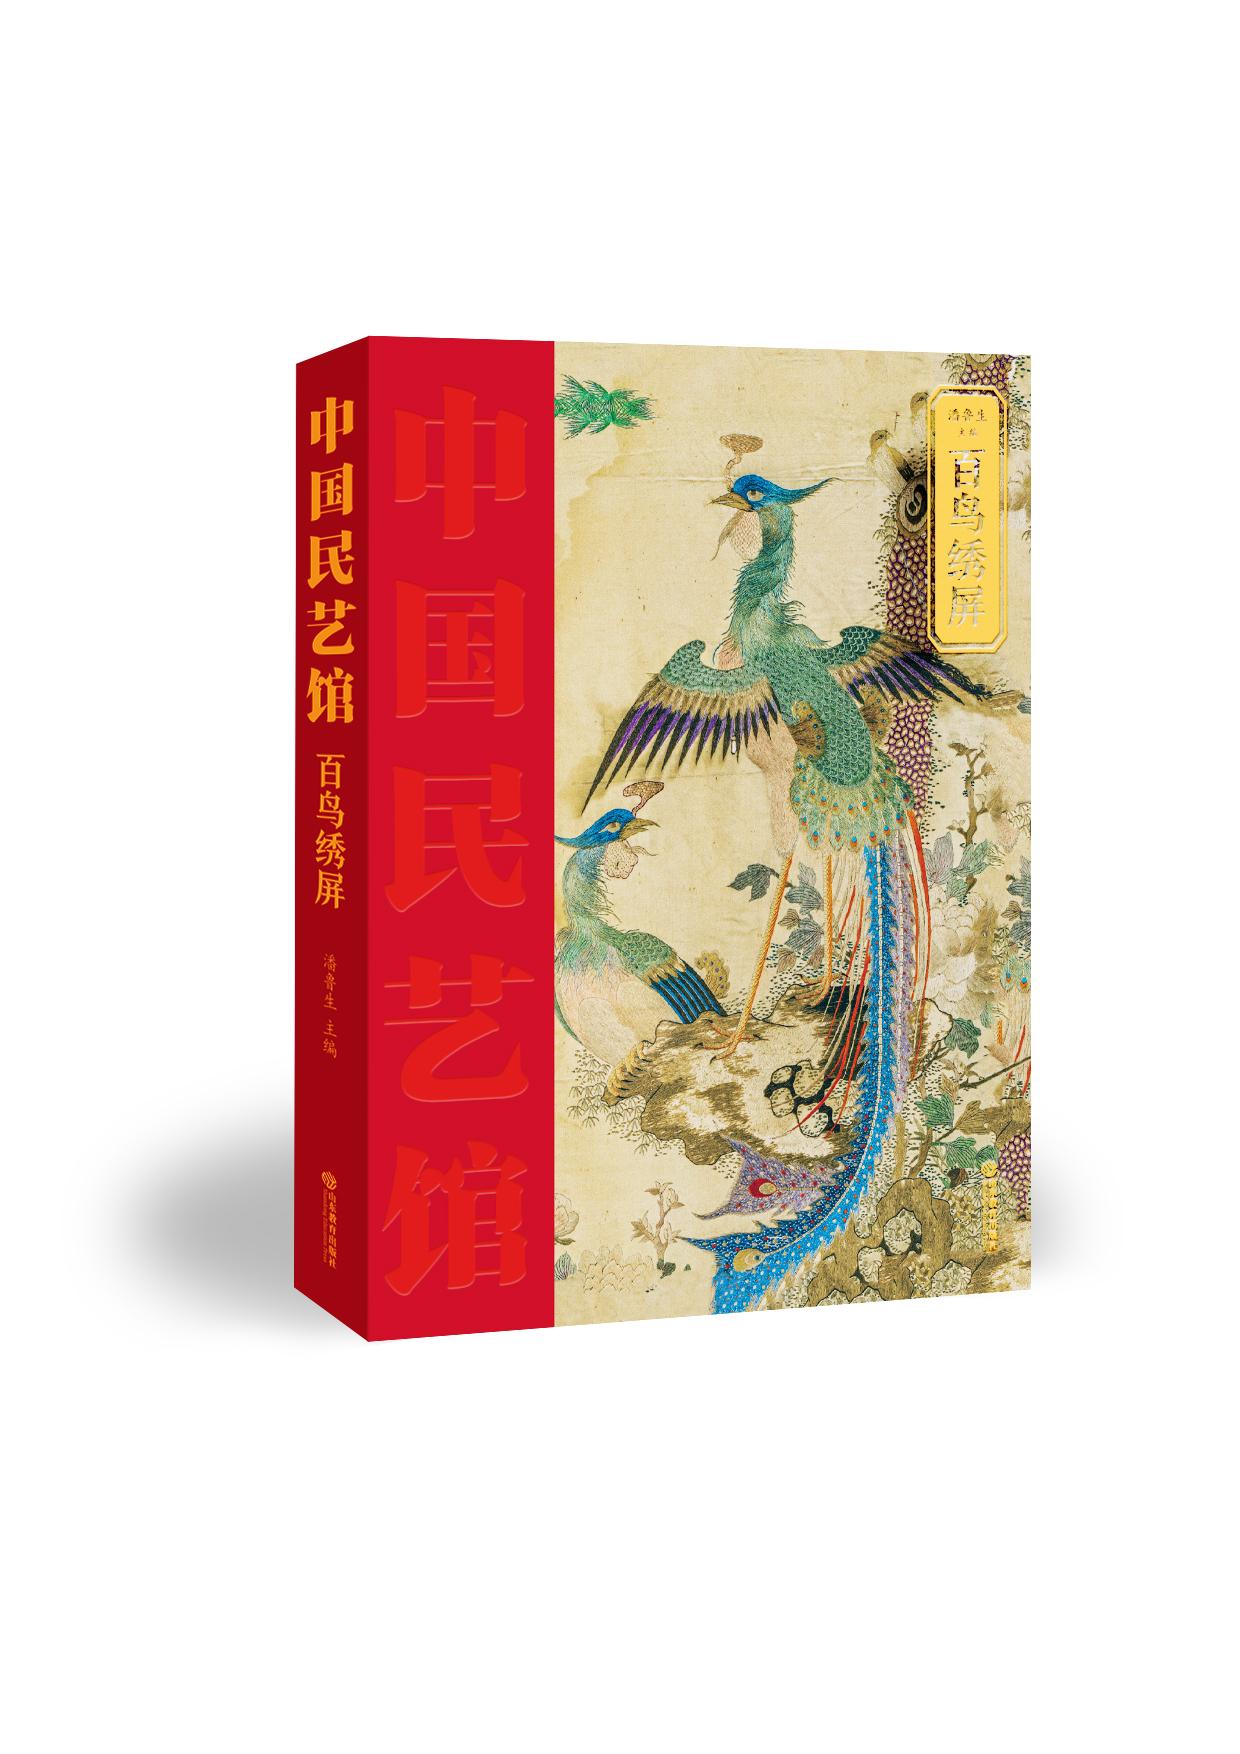 《中国民艺馆·百鸟绣屏》